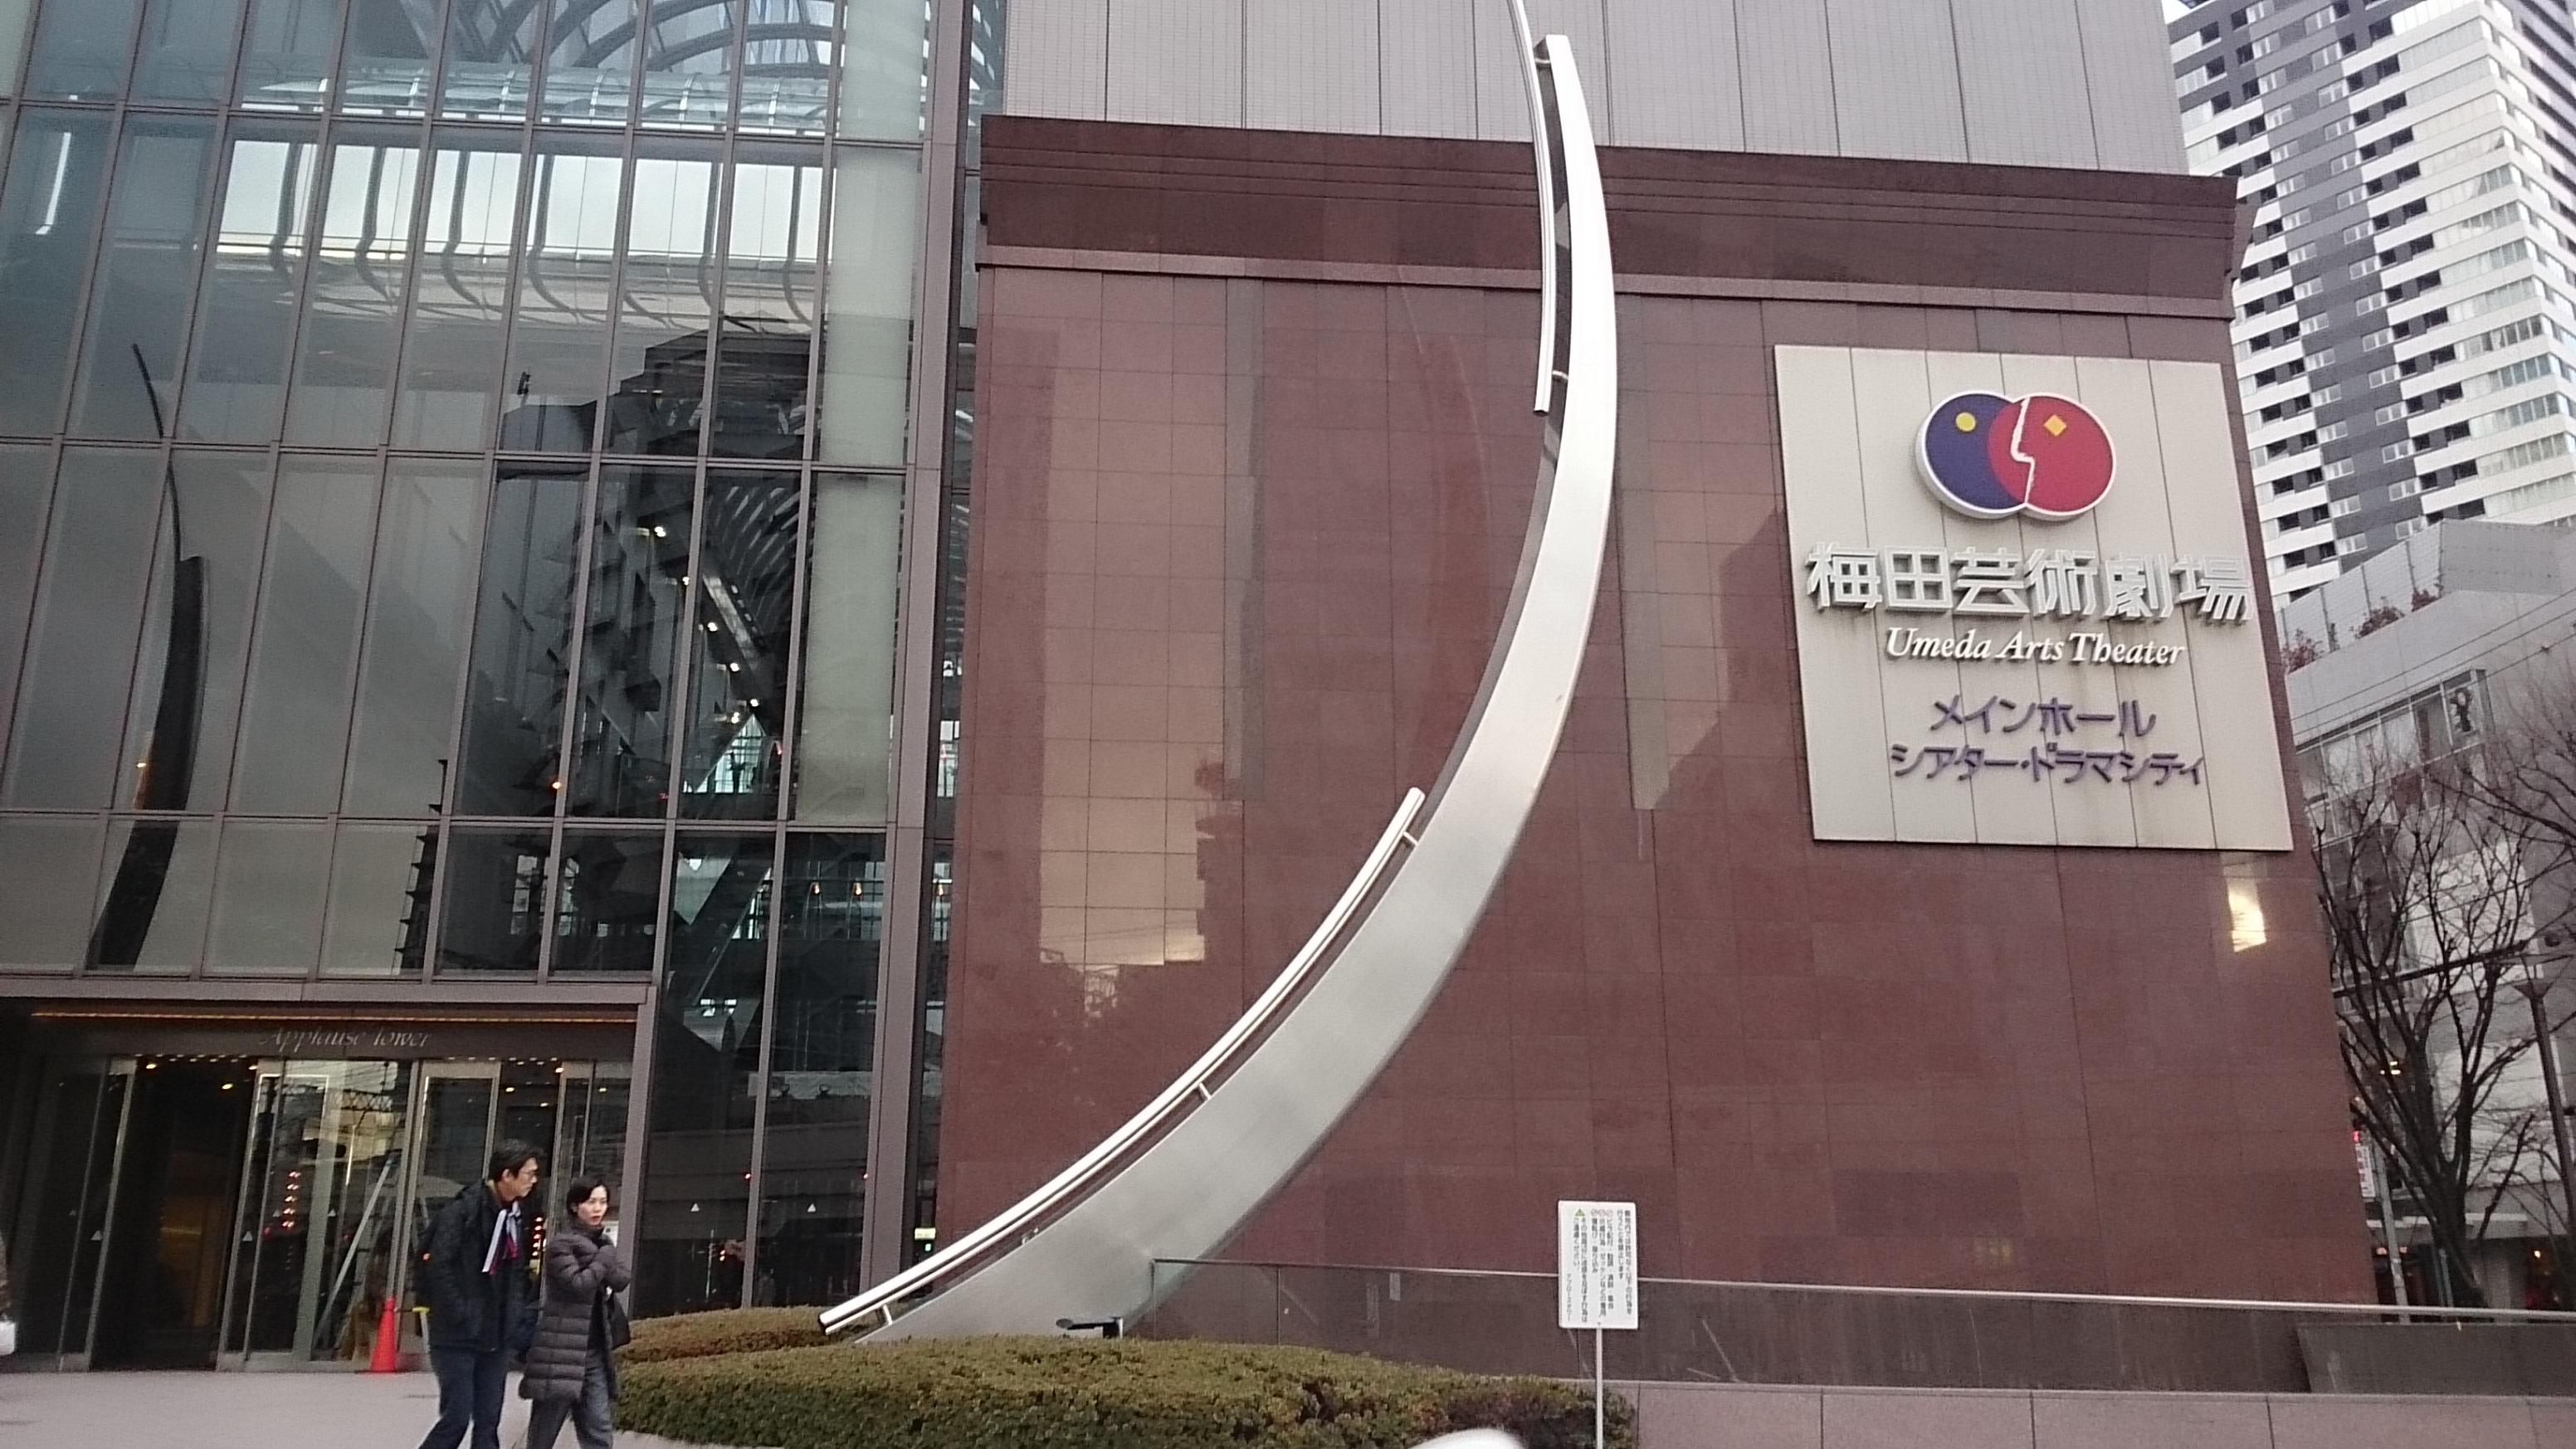 梅田芸術劇場入口